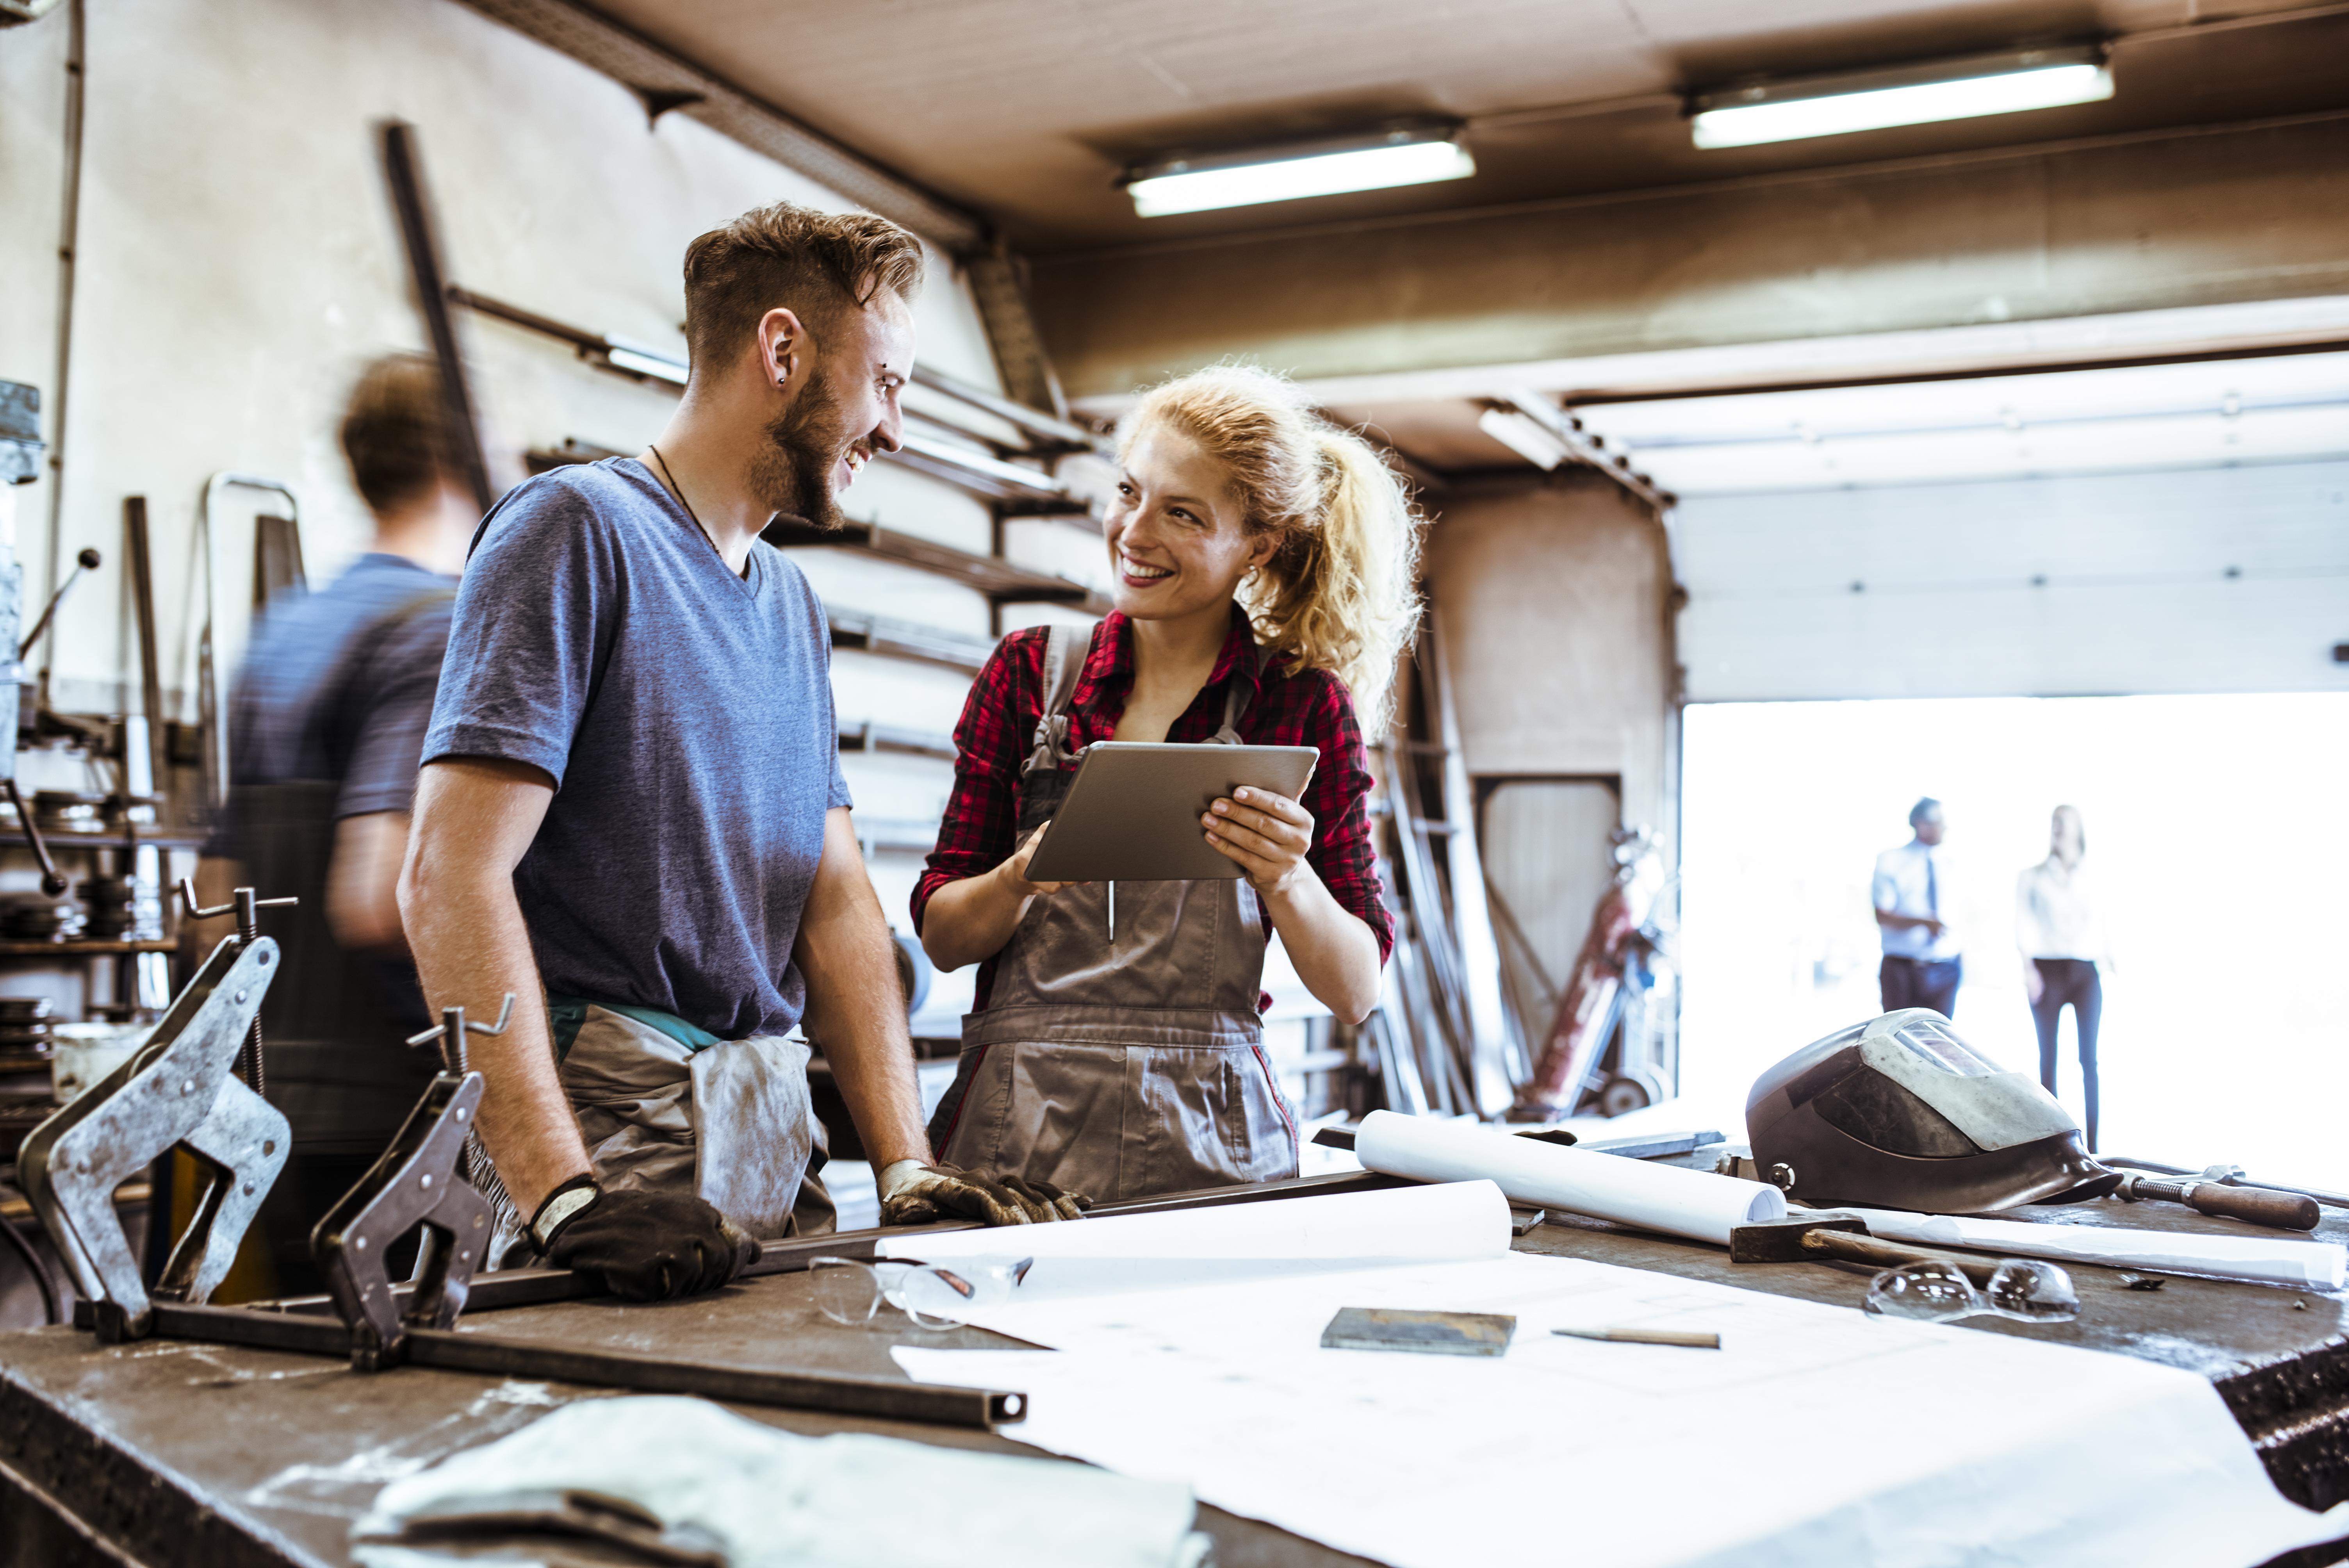 People working in metalshop